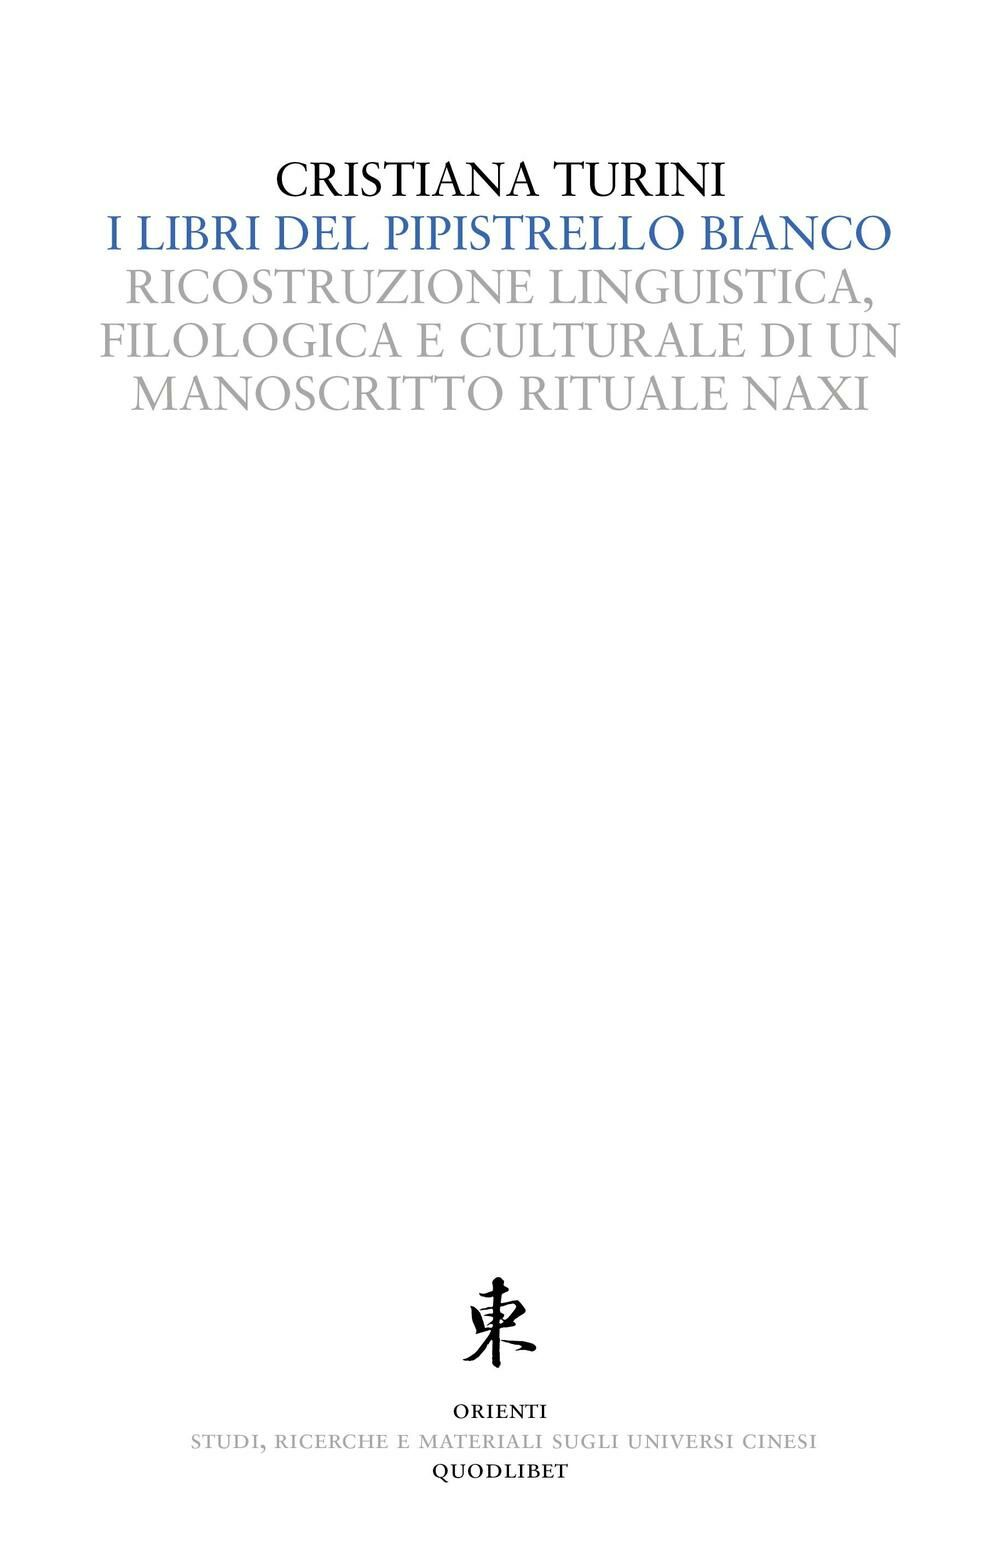 I libri del pipistrello bianco. Ricostruzione linguistica, filologica e culturale di un manoscritto rituale Naxi